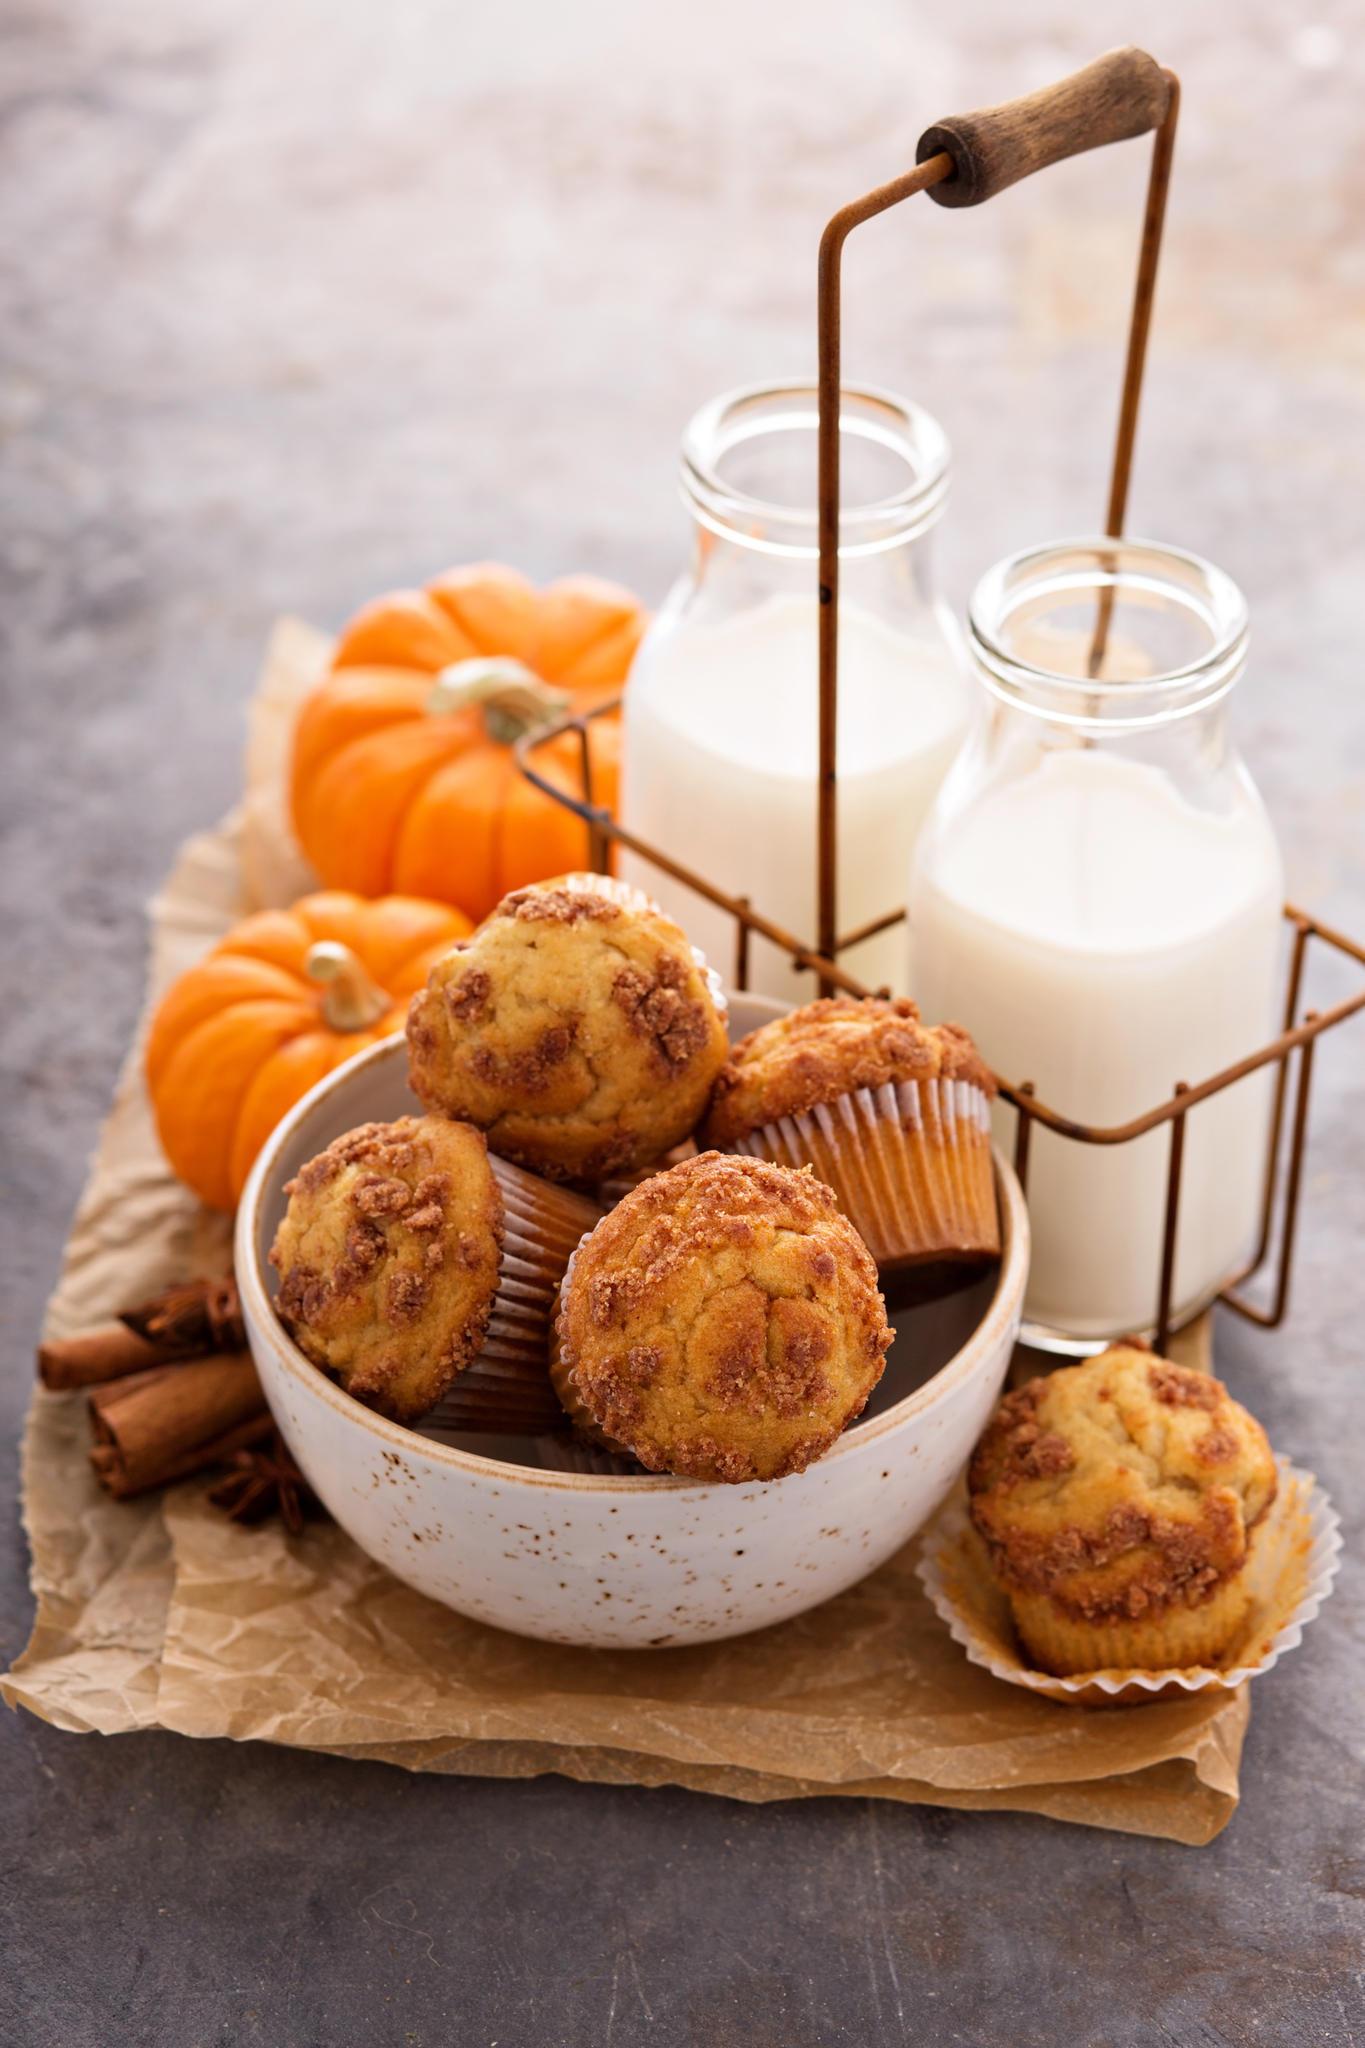 rezept k se k rbis muffins backen. Black Bedroom Furniture Sets. Home Design Ideas